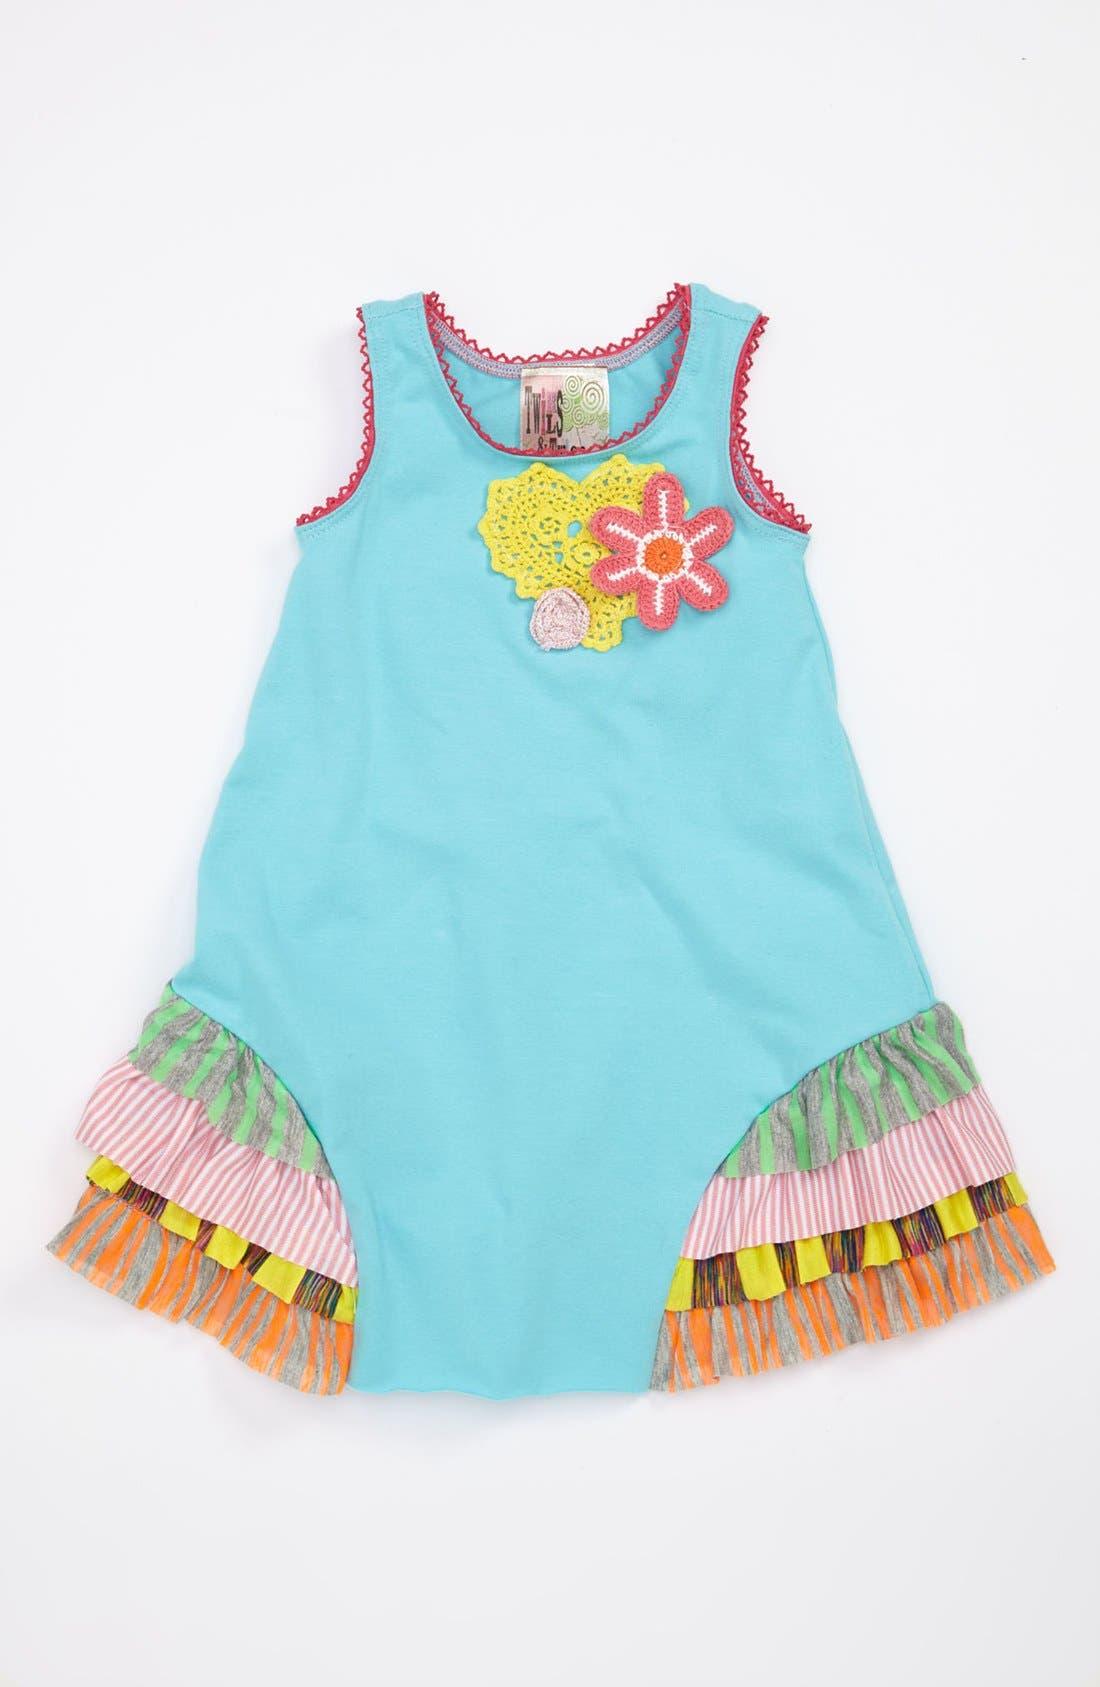 Main Image - Twirls & Twigs 'Heart & Flower' Appliqué Dress (Baby)